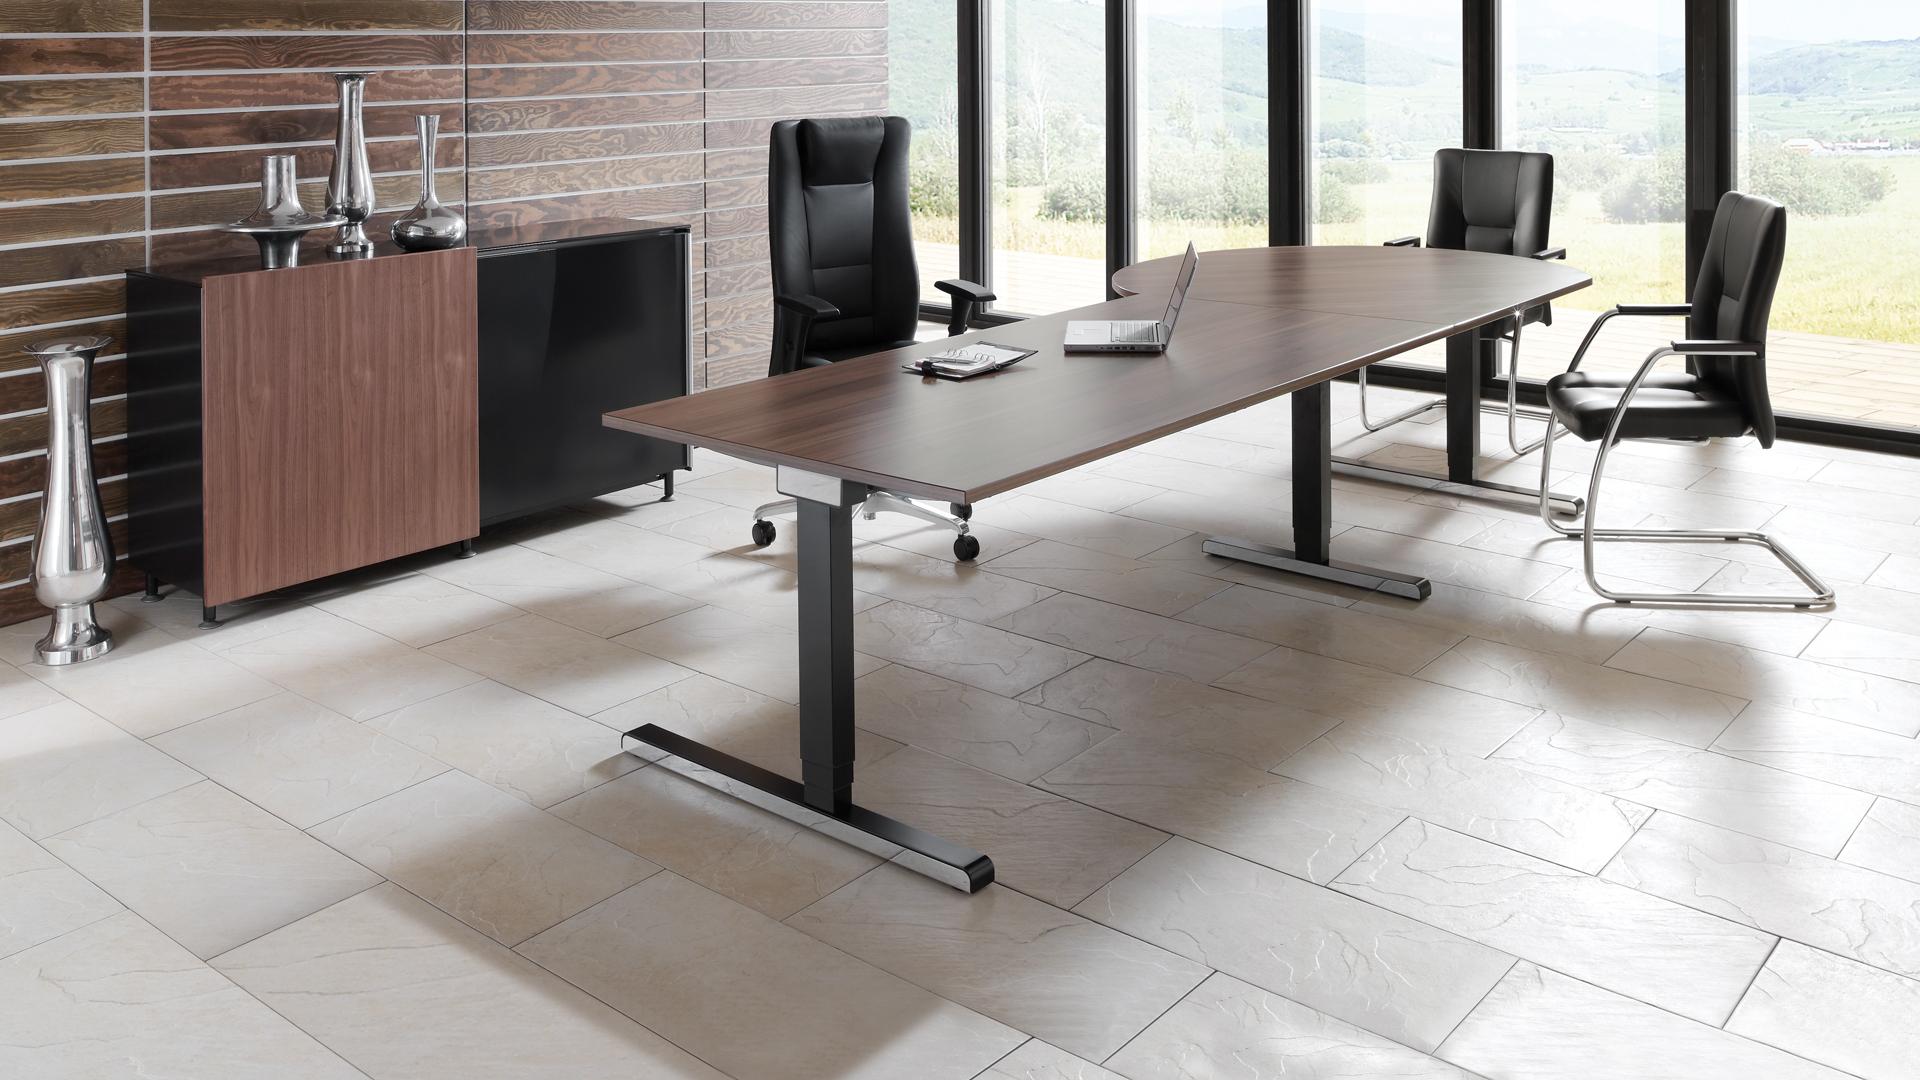 Schreibtisch-Arbeitstisch-mit-Besprechungsansatz-01-varitos-c-mauser-slider